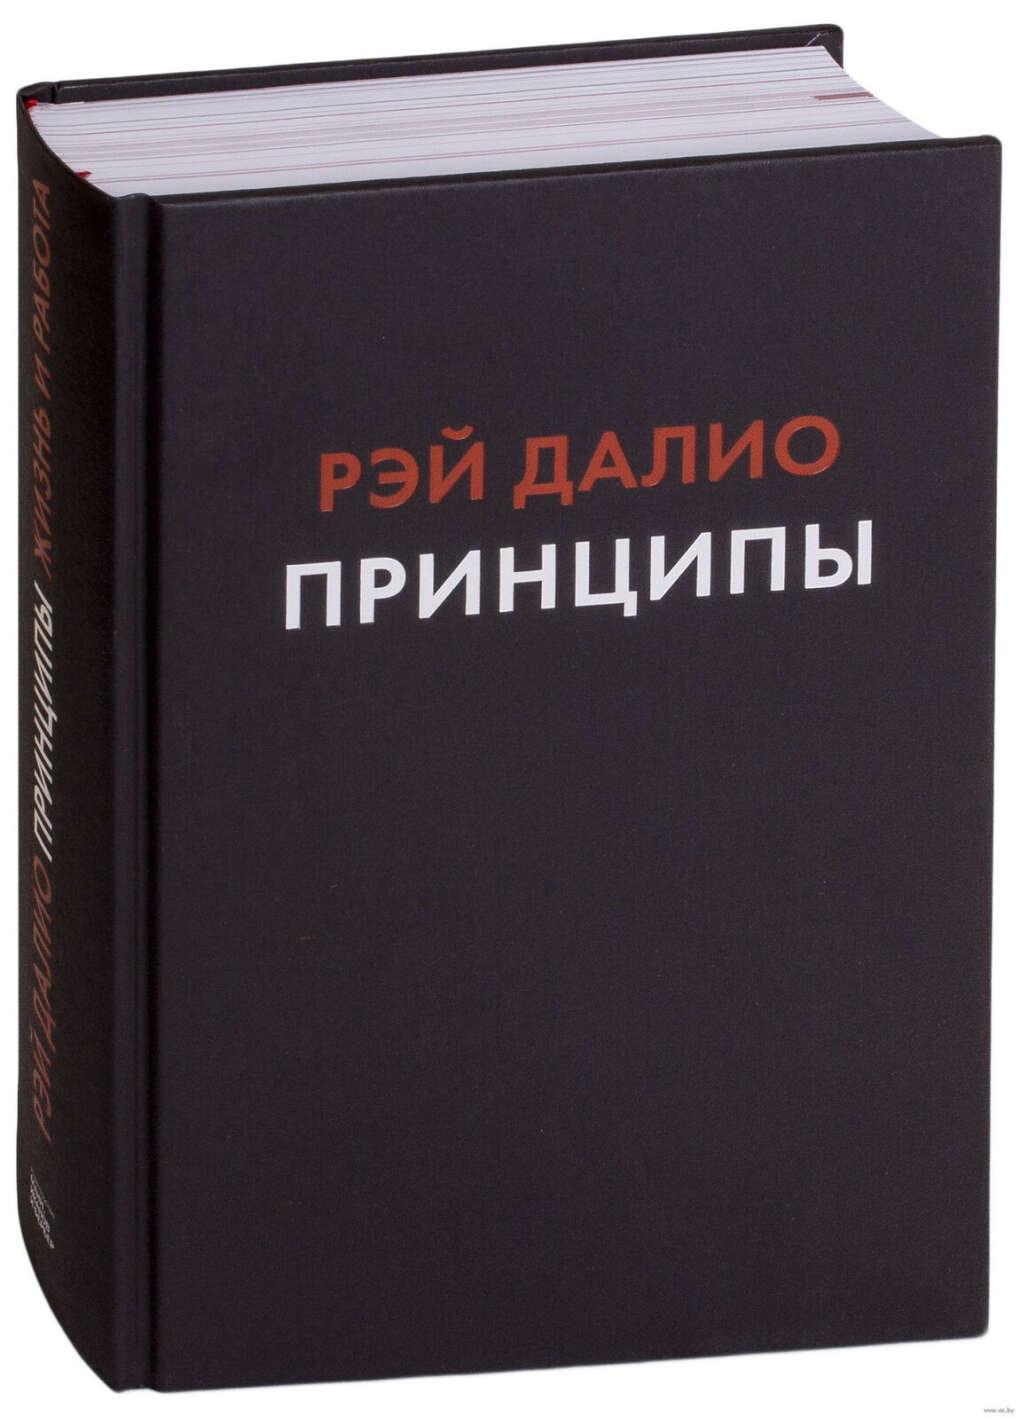 Книга Принципы. Жизнь и работа Рэй Далио